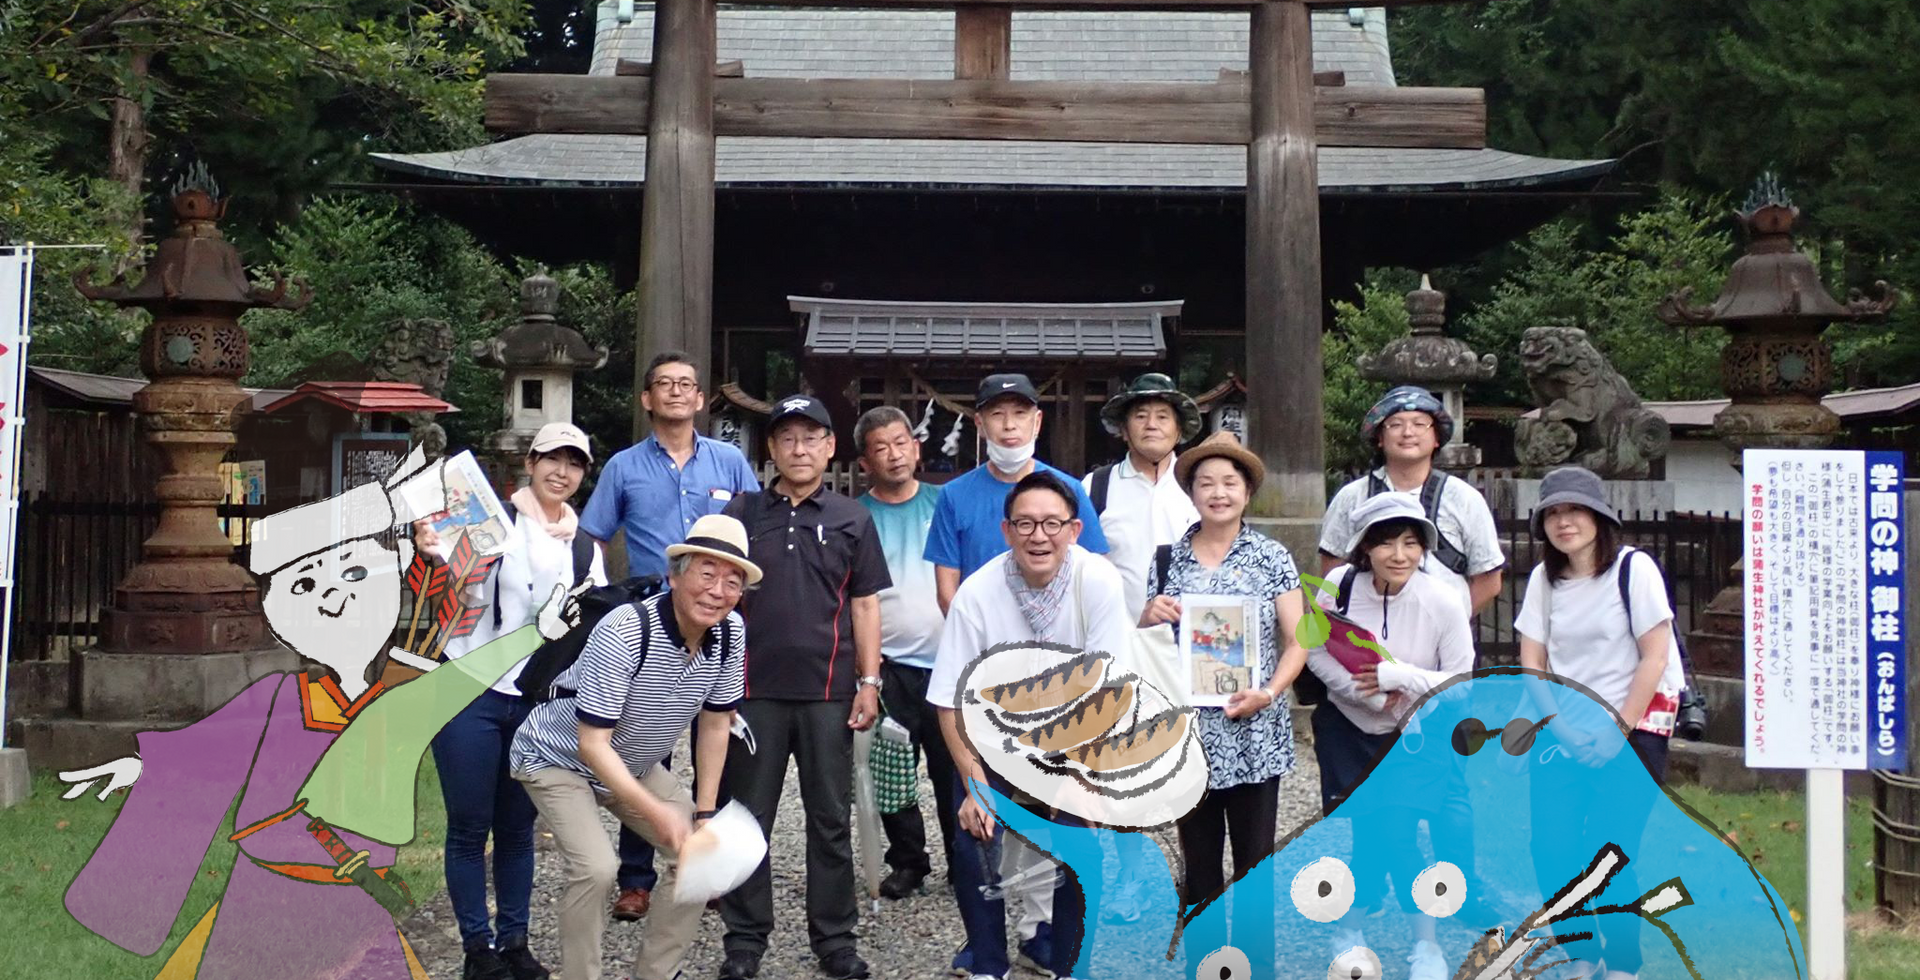 2020年8月街歩き 蒲生神社前 集合写真